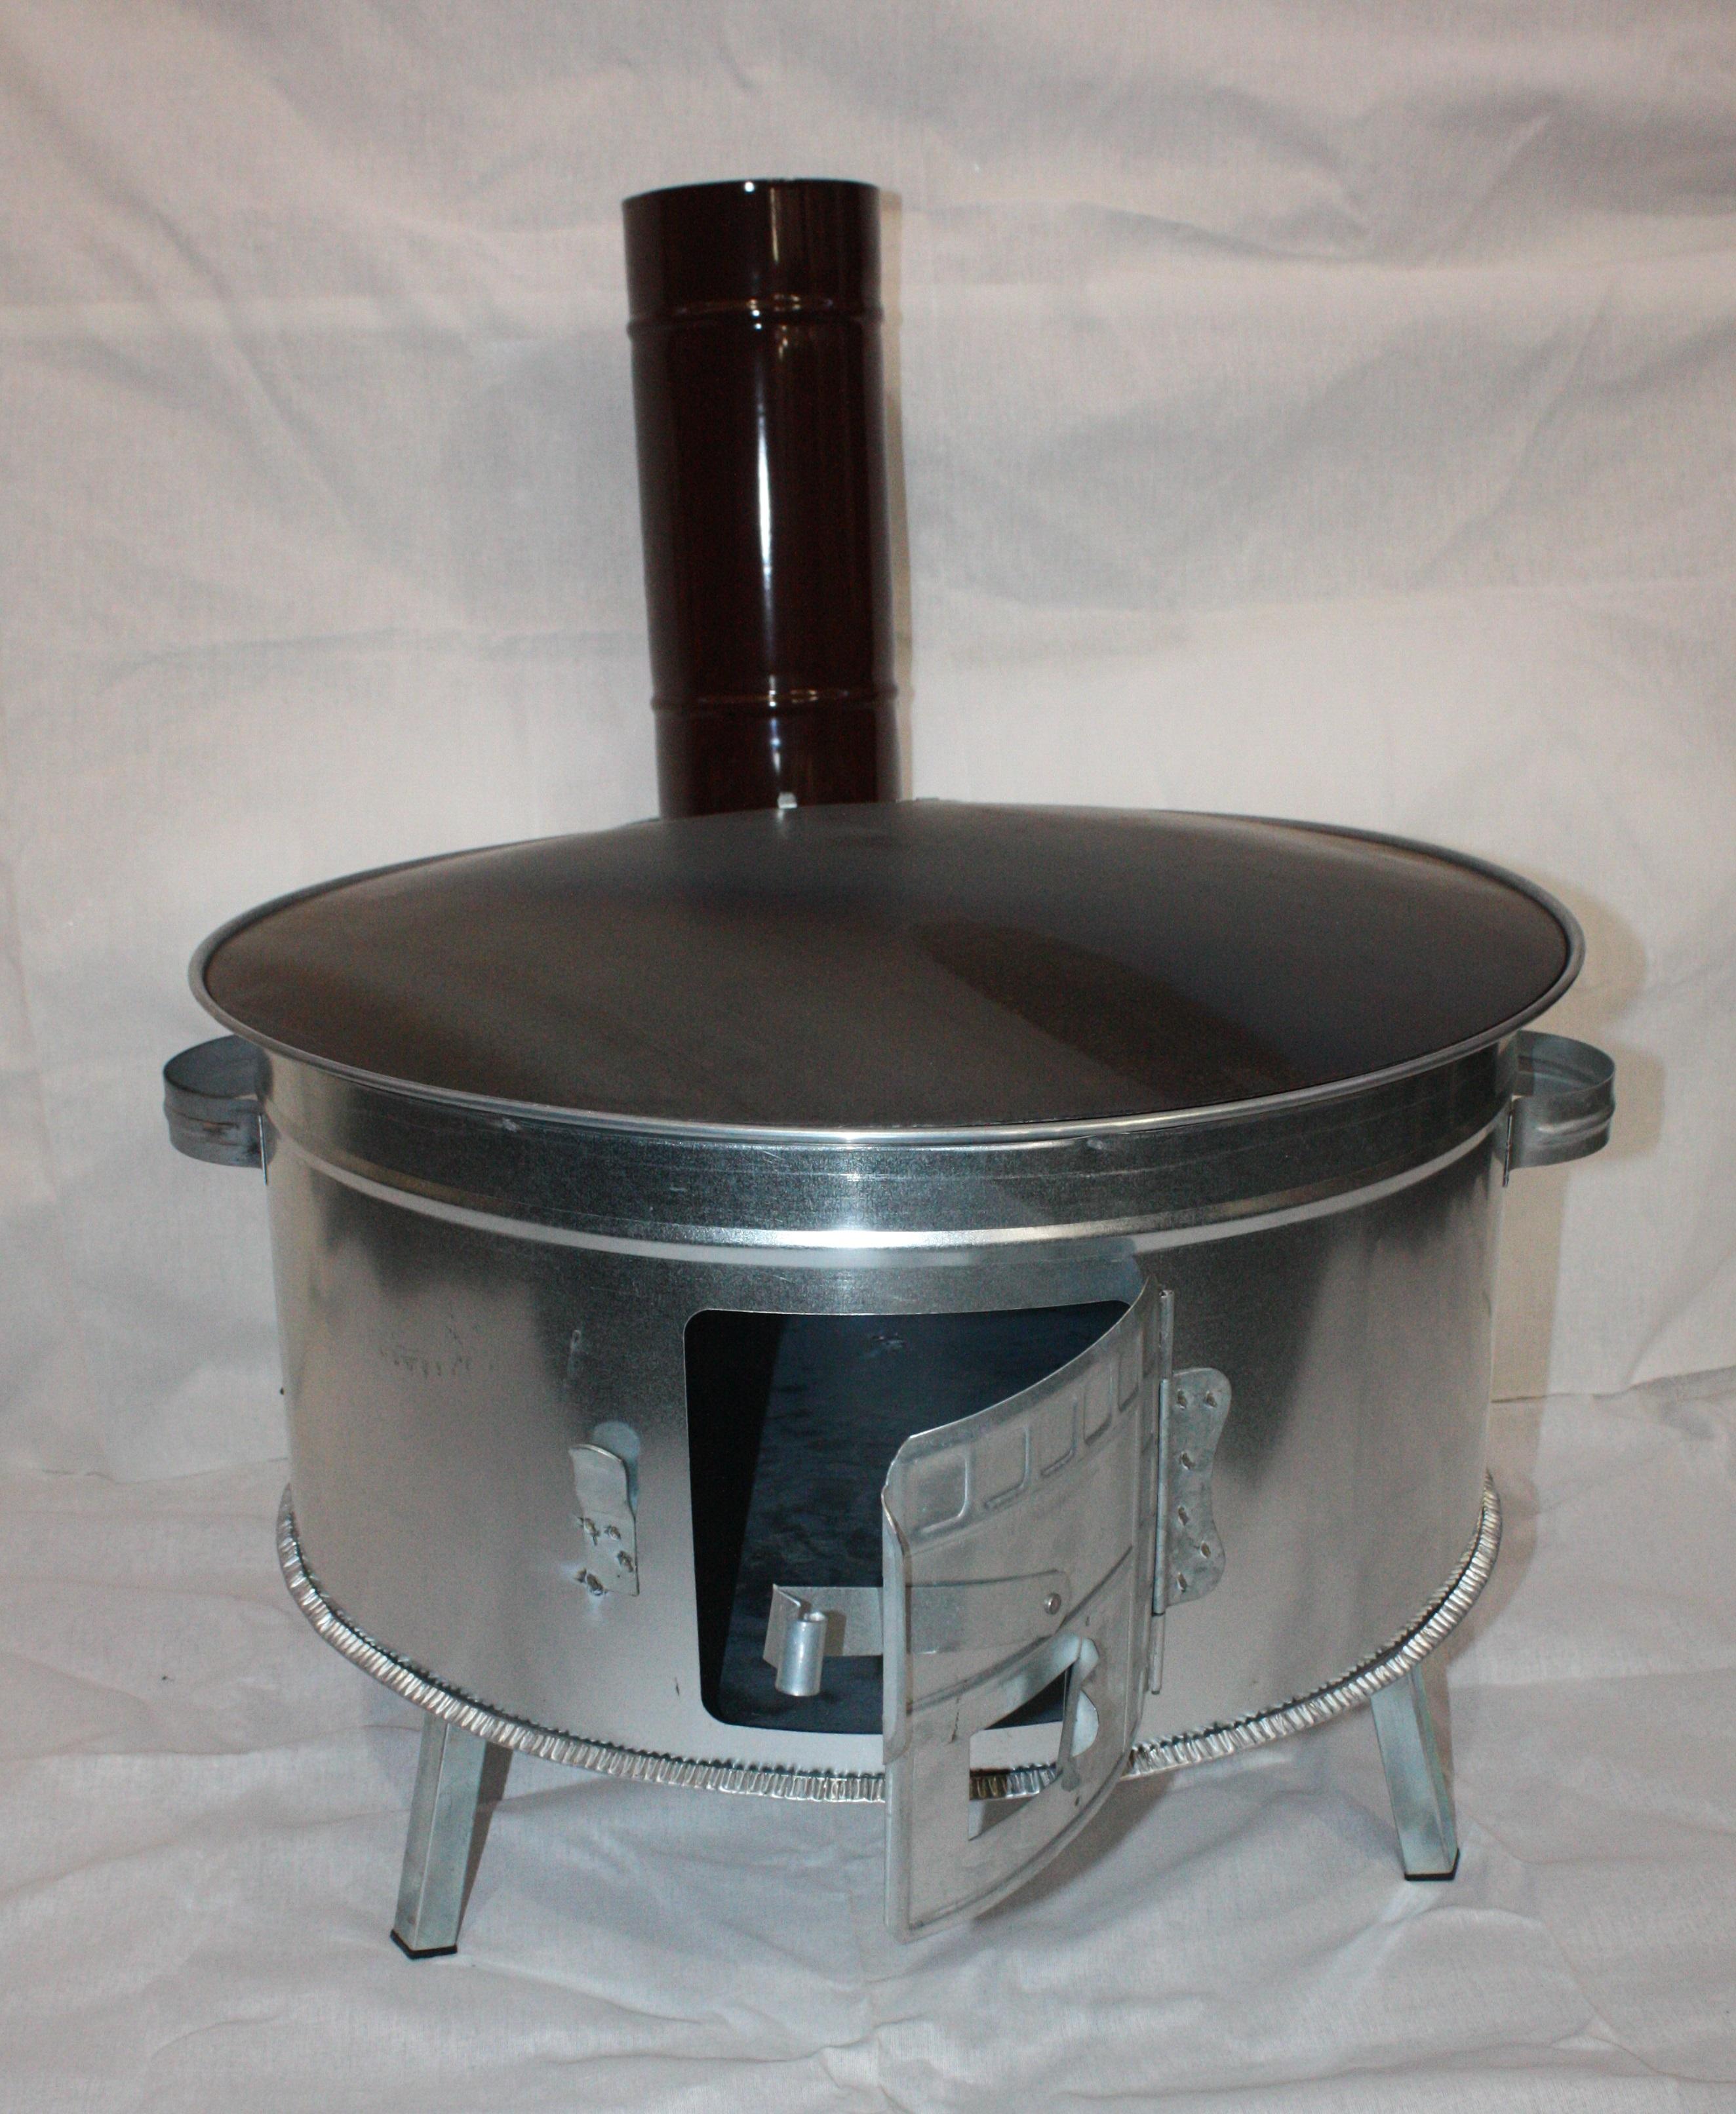 Holzofen zum backen braten grillen gozleme katmer for Mikrowelle zum backen und grillen